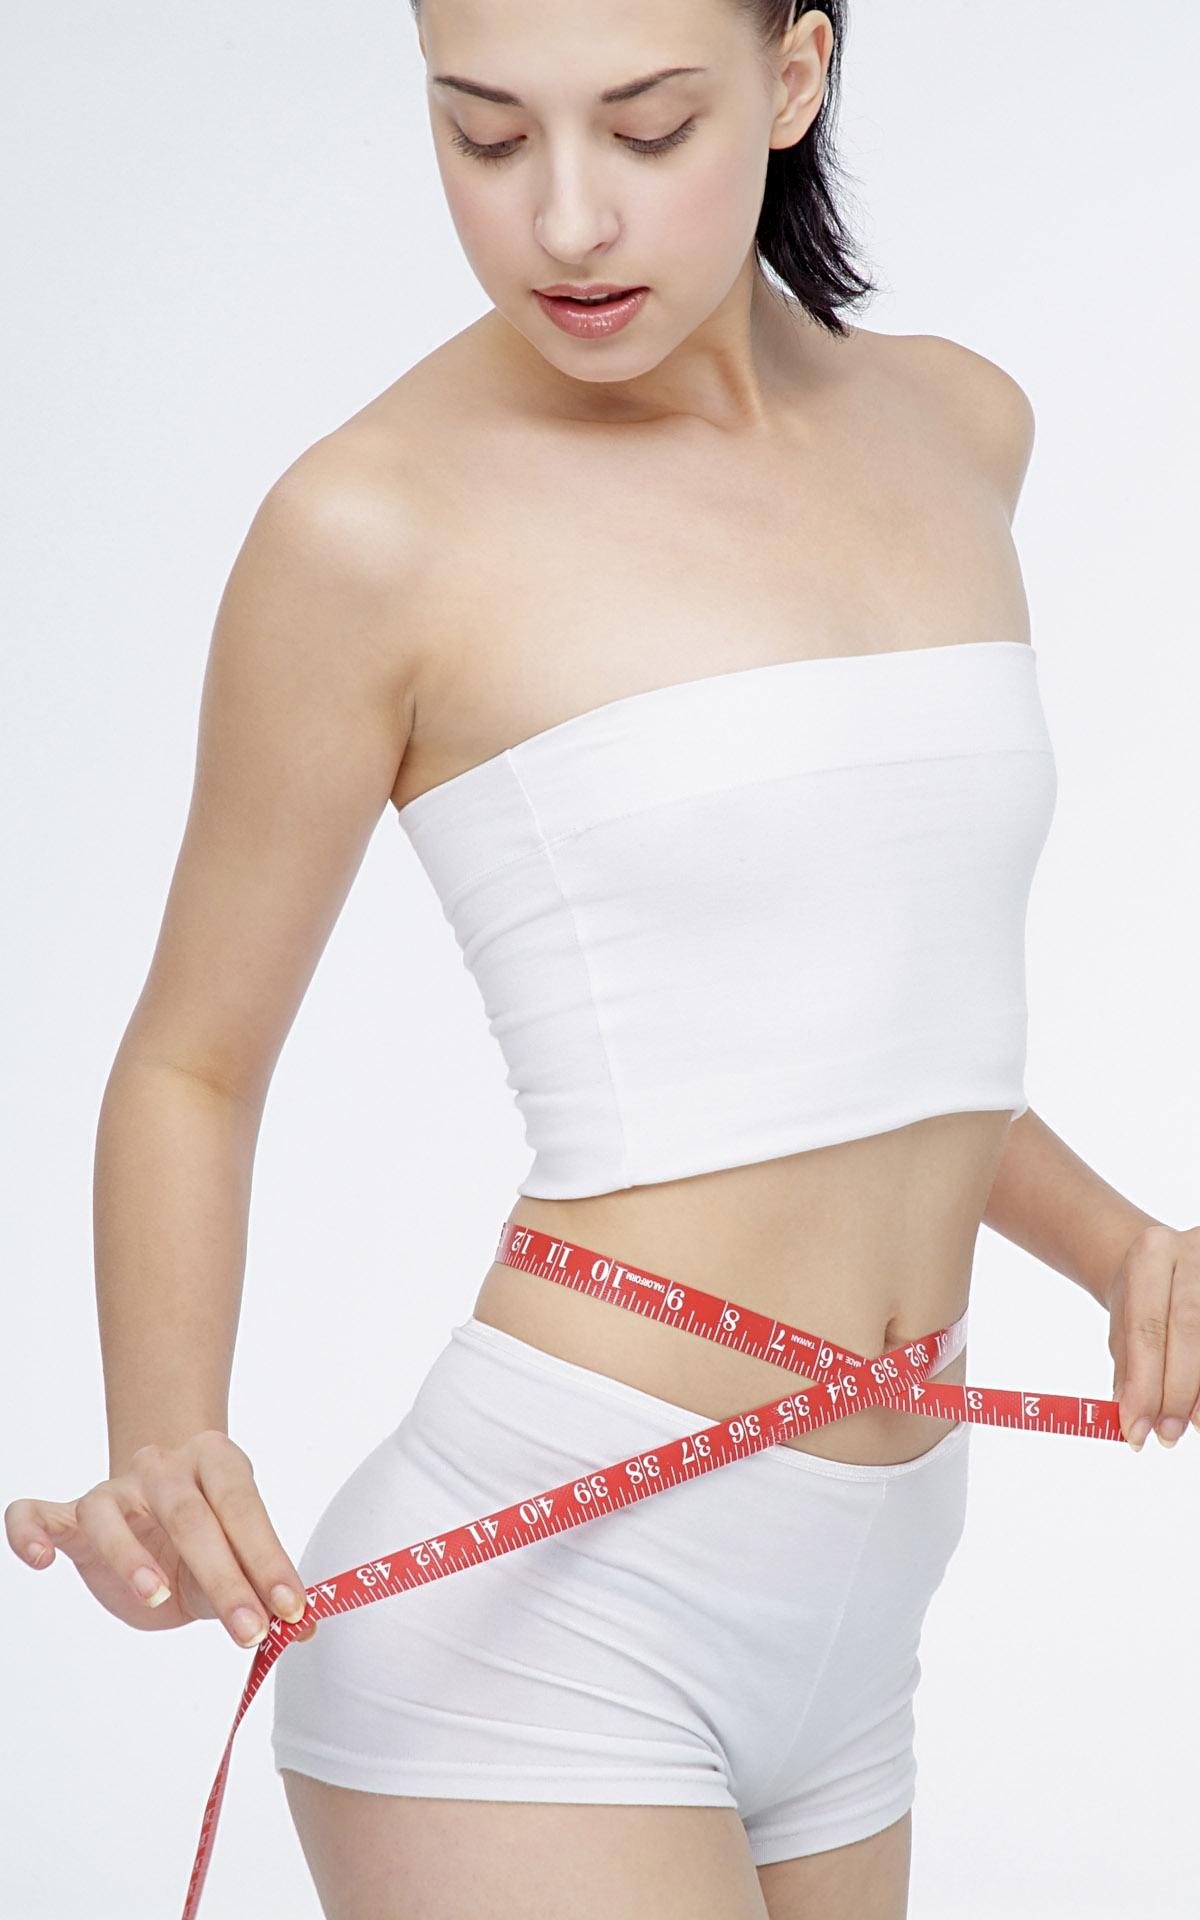 rapid-weight-loss-women.